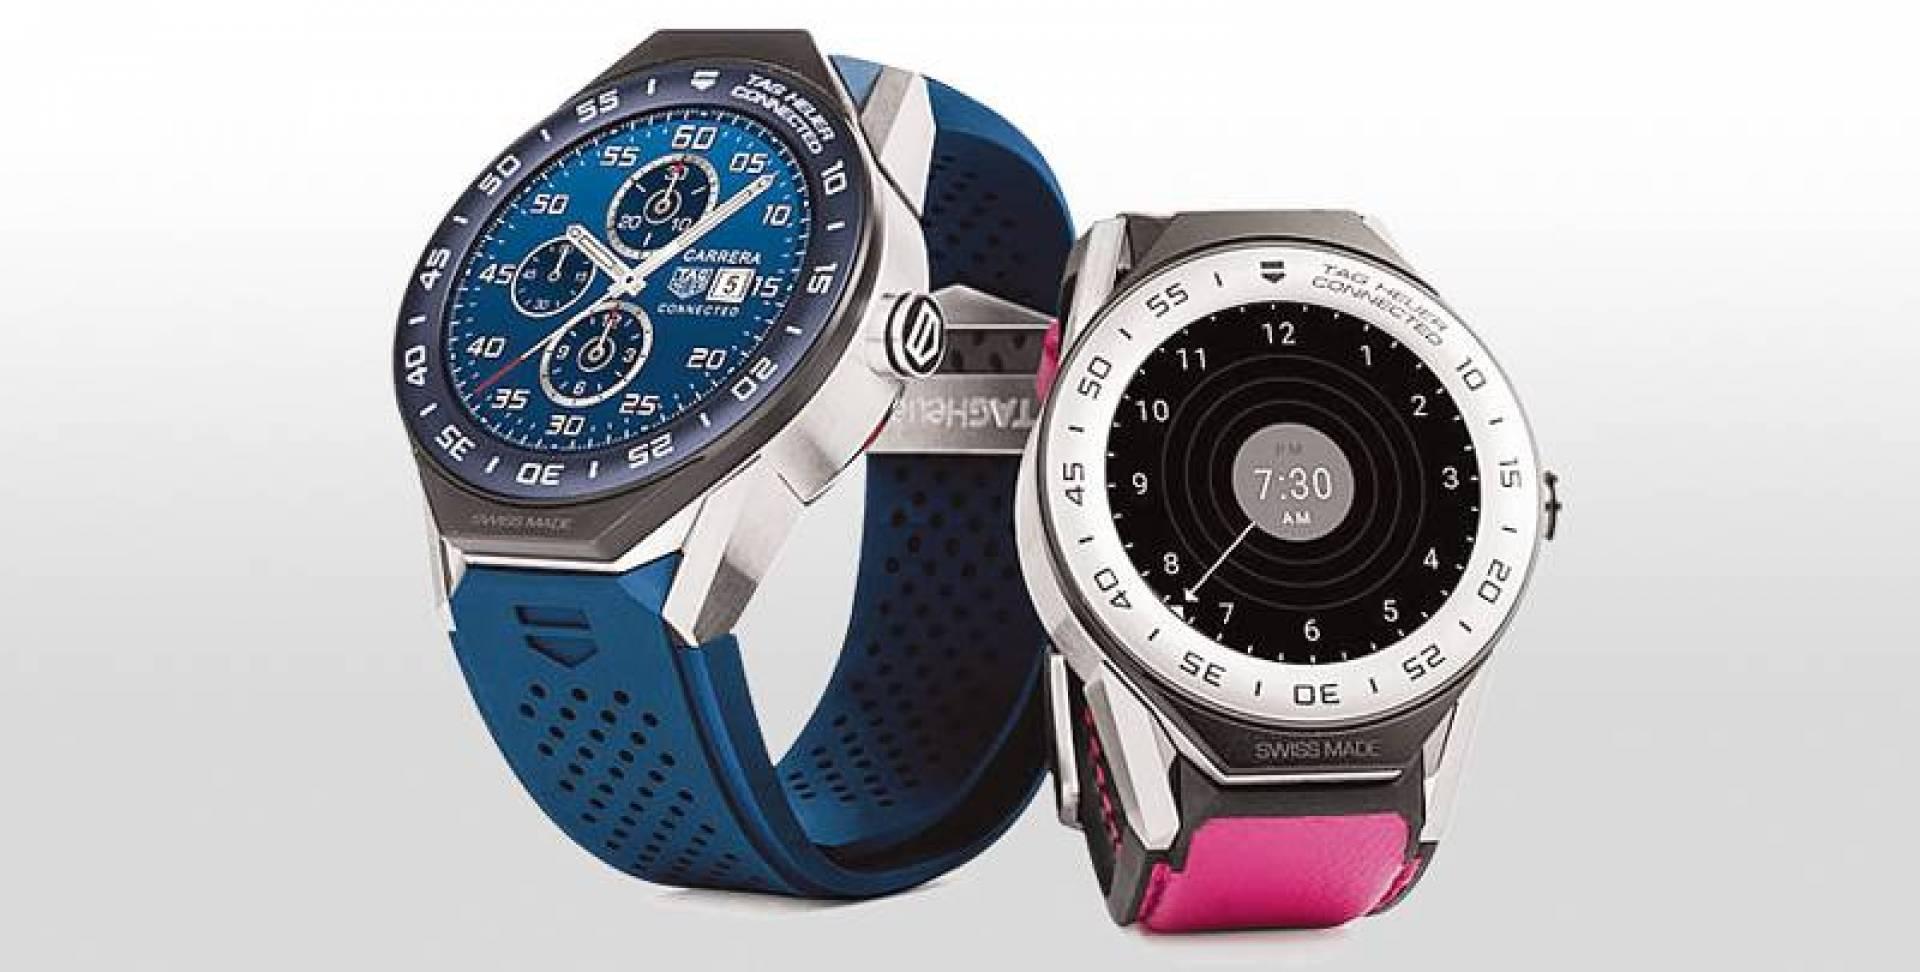 الساعات الذكية الفاخرة.. تُشعل المنافسة بين الماركات العالمية